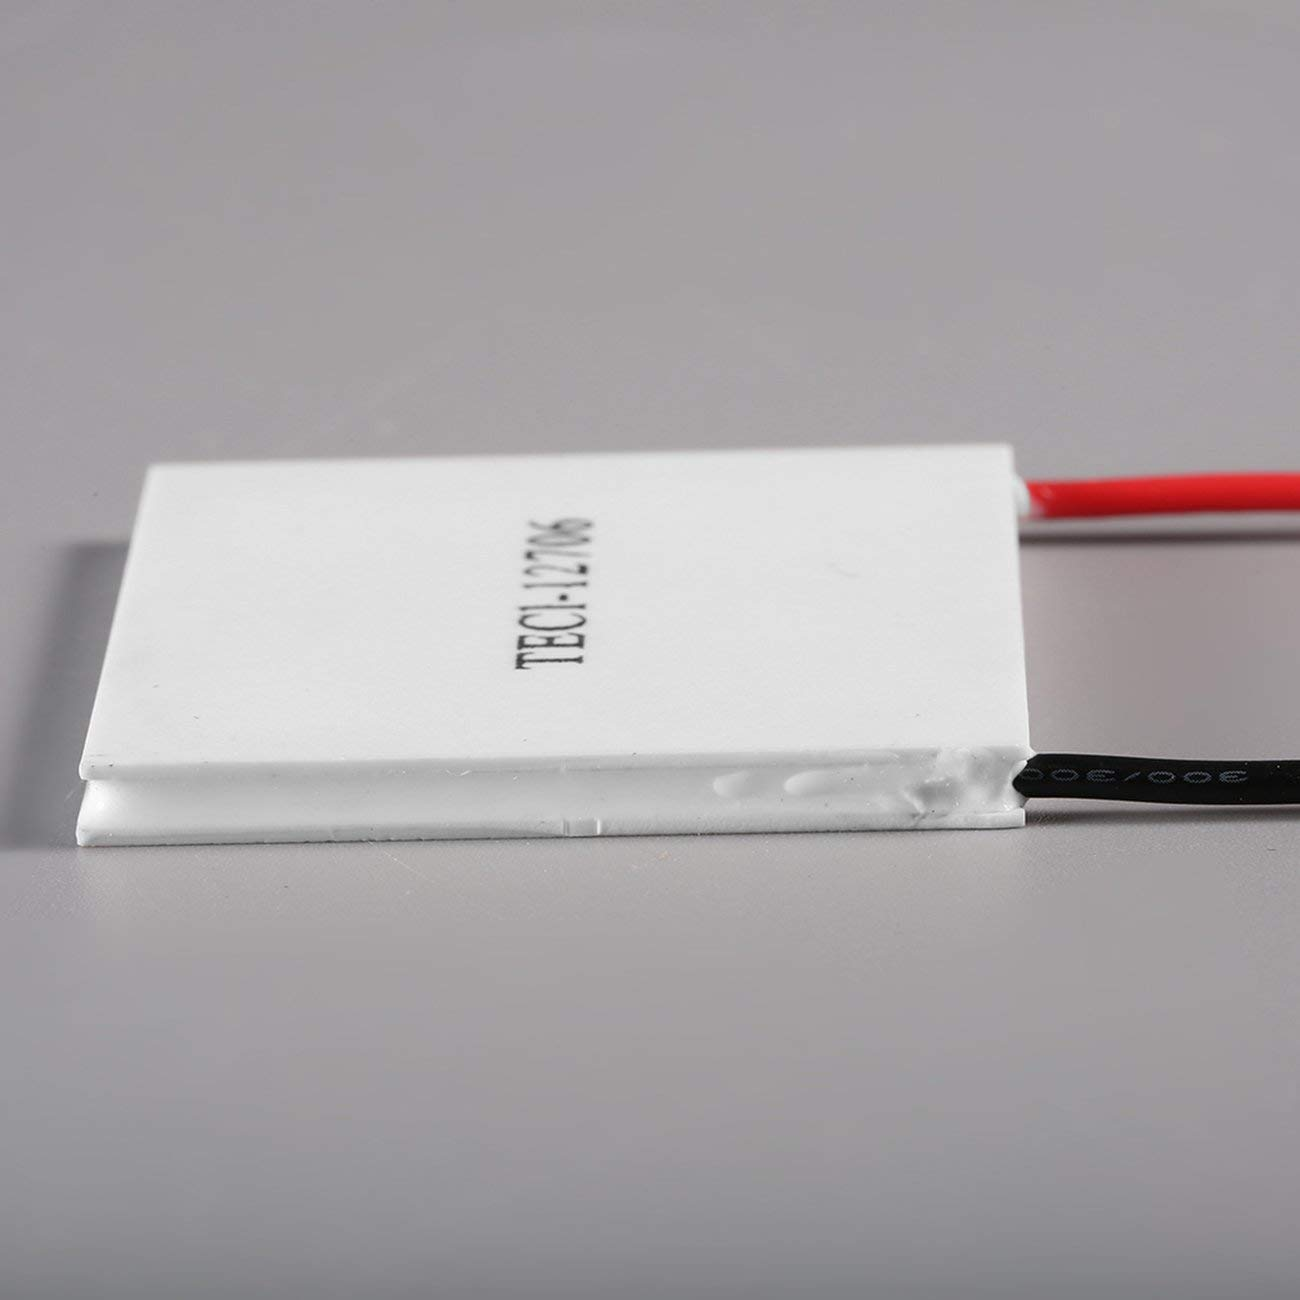 Jiobapiongxin 12V 60W TEC1-12706 K/ühlk/örper Peltier-K/ühlplattenmodul